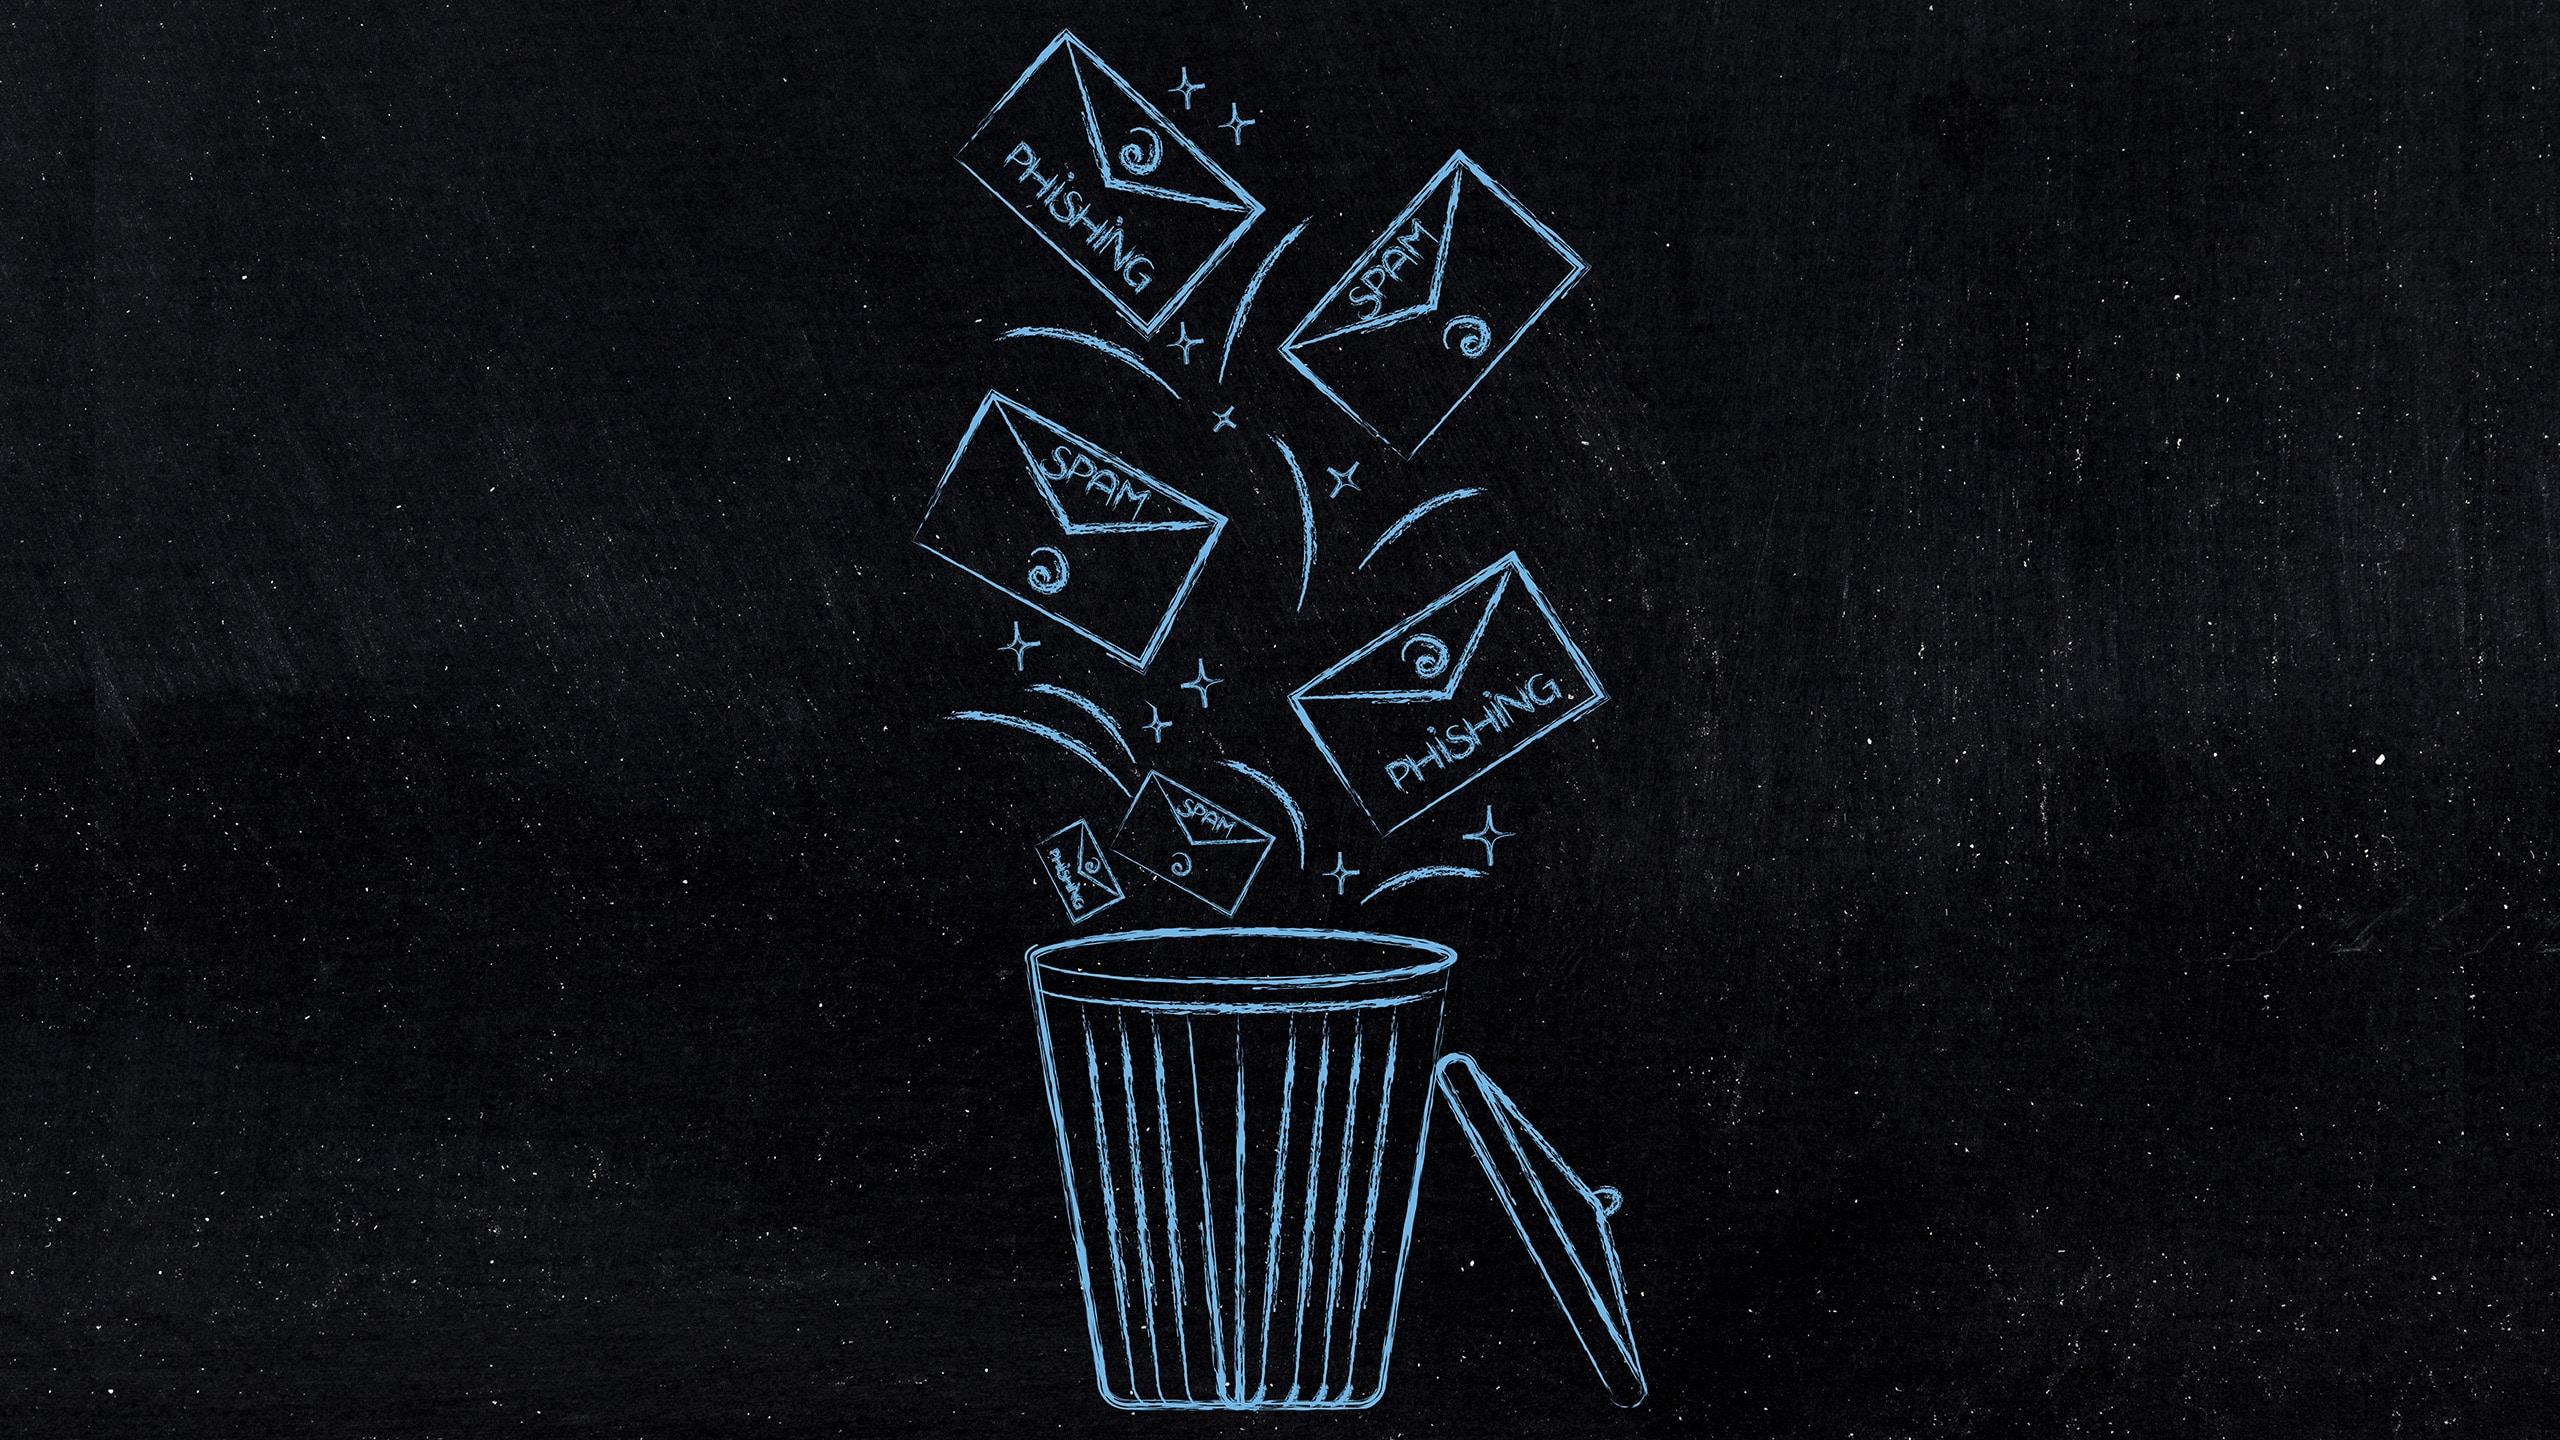 Grafik zeigt Briefumschläge, die im Mülleimer landen